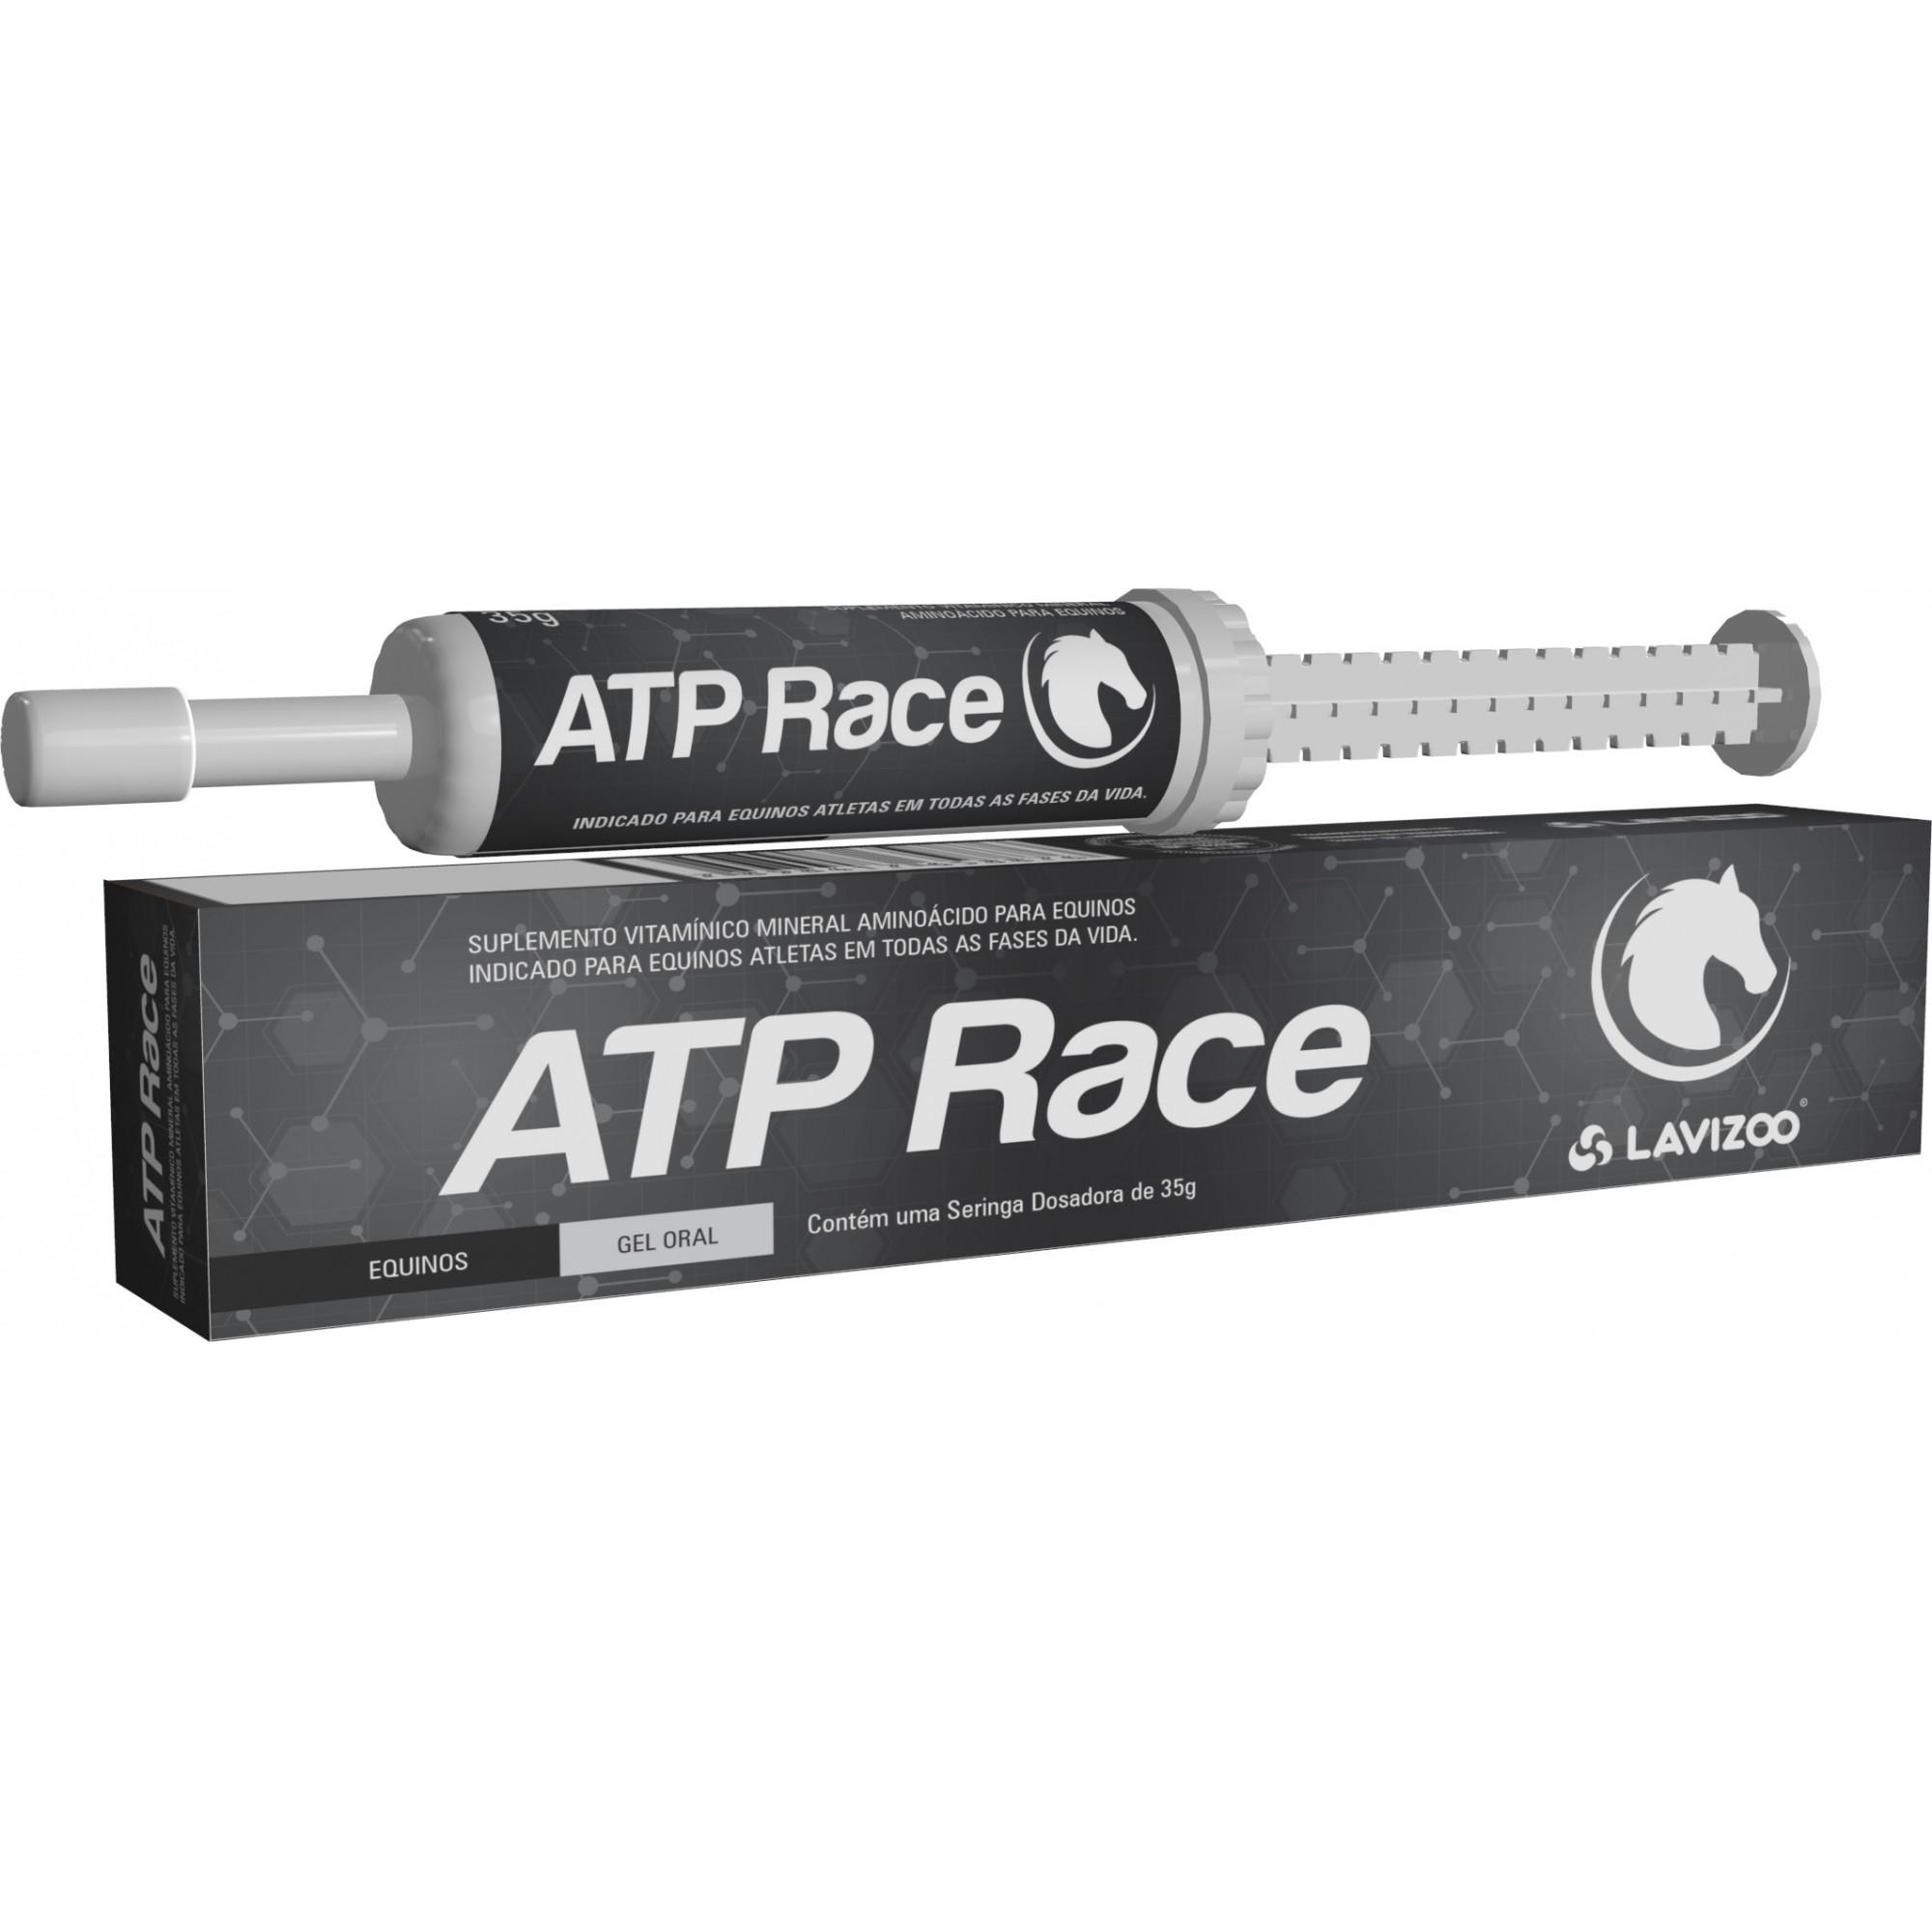 ATP Race 35gr Gel Oral  Lavizoo - Modificador Organico para Cavalos